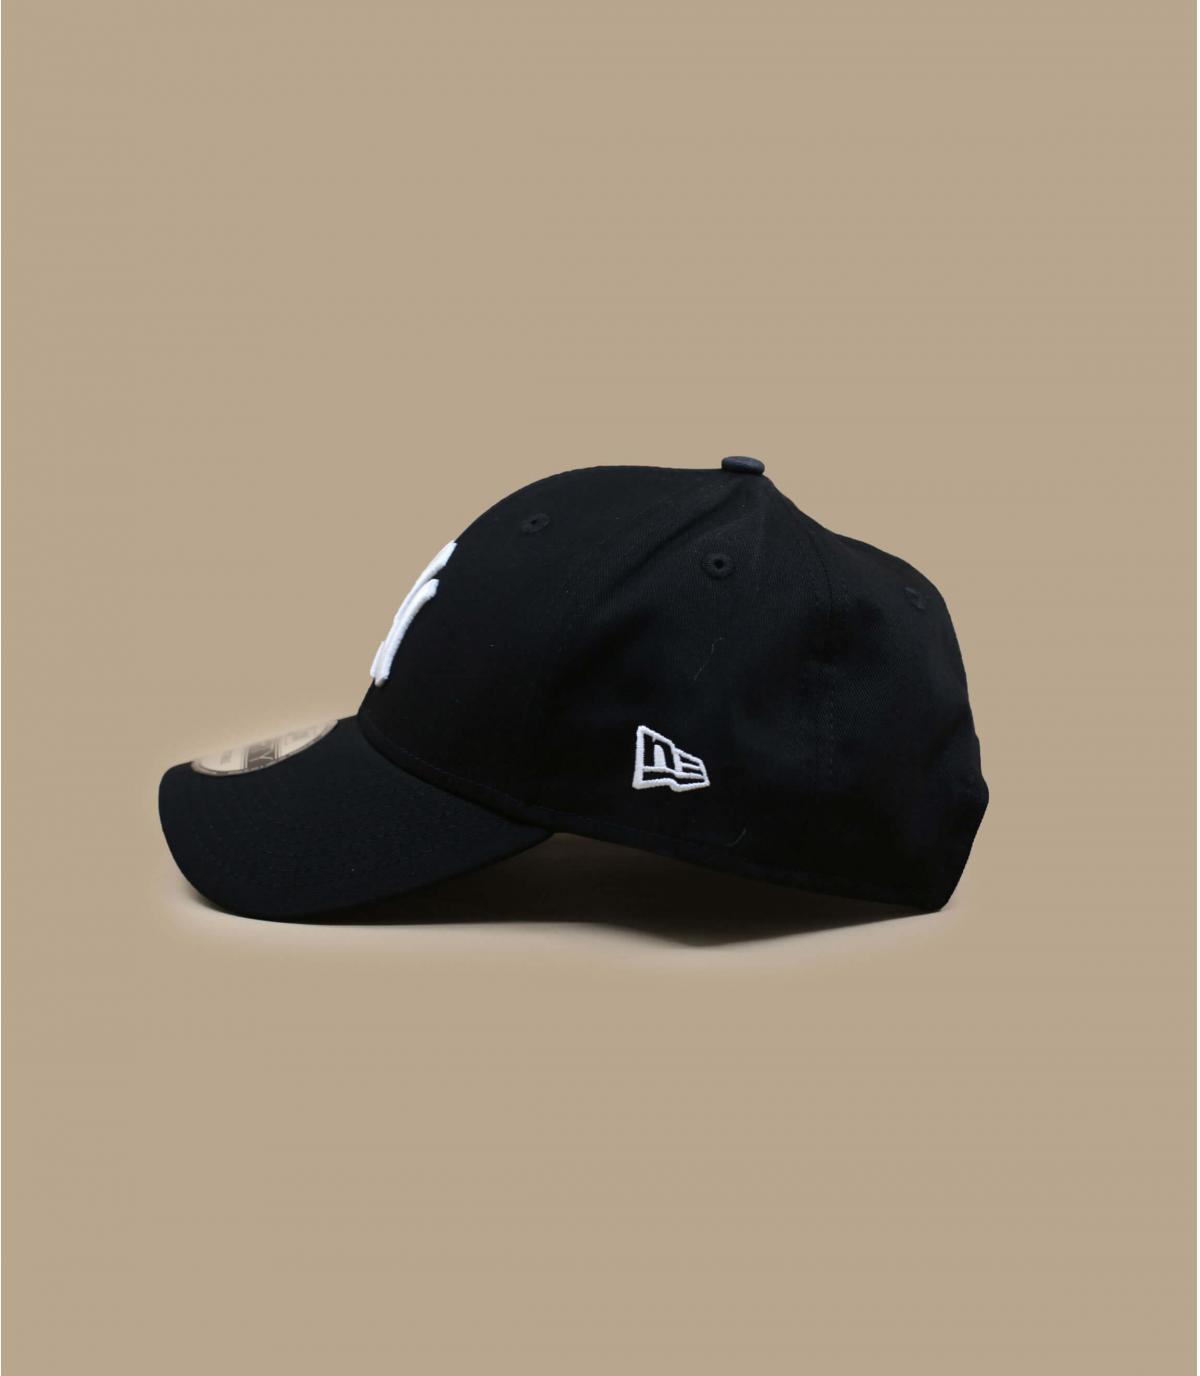 Détails League Ess NY 9Forty black white - image 2